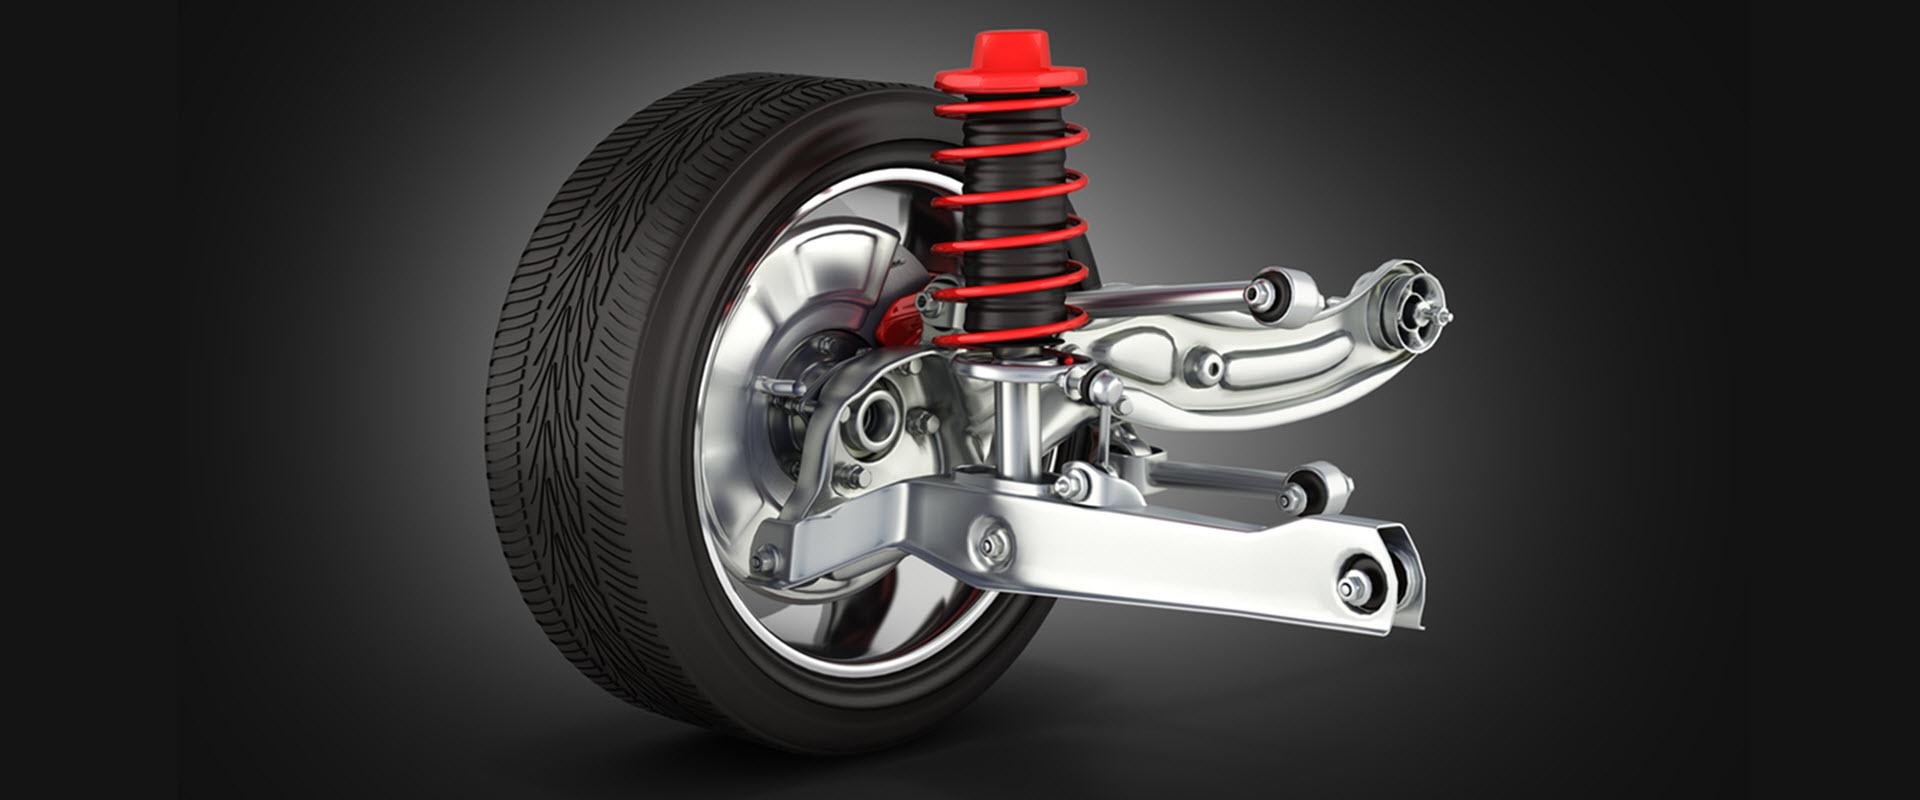 Porsche Suspension